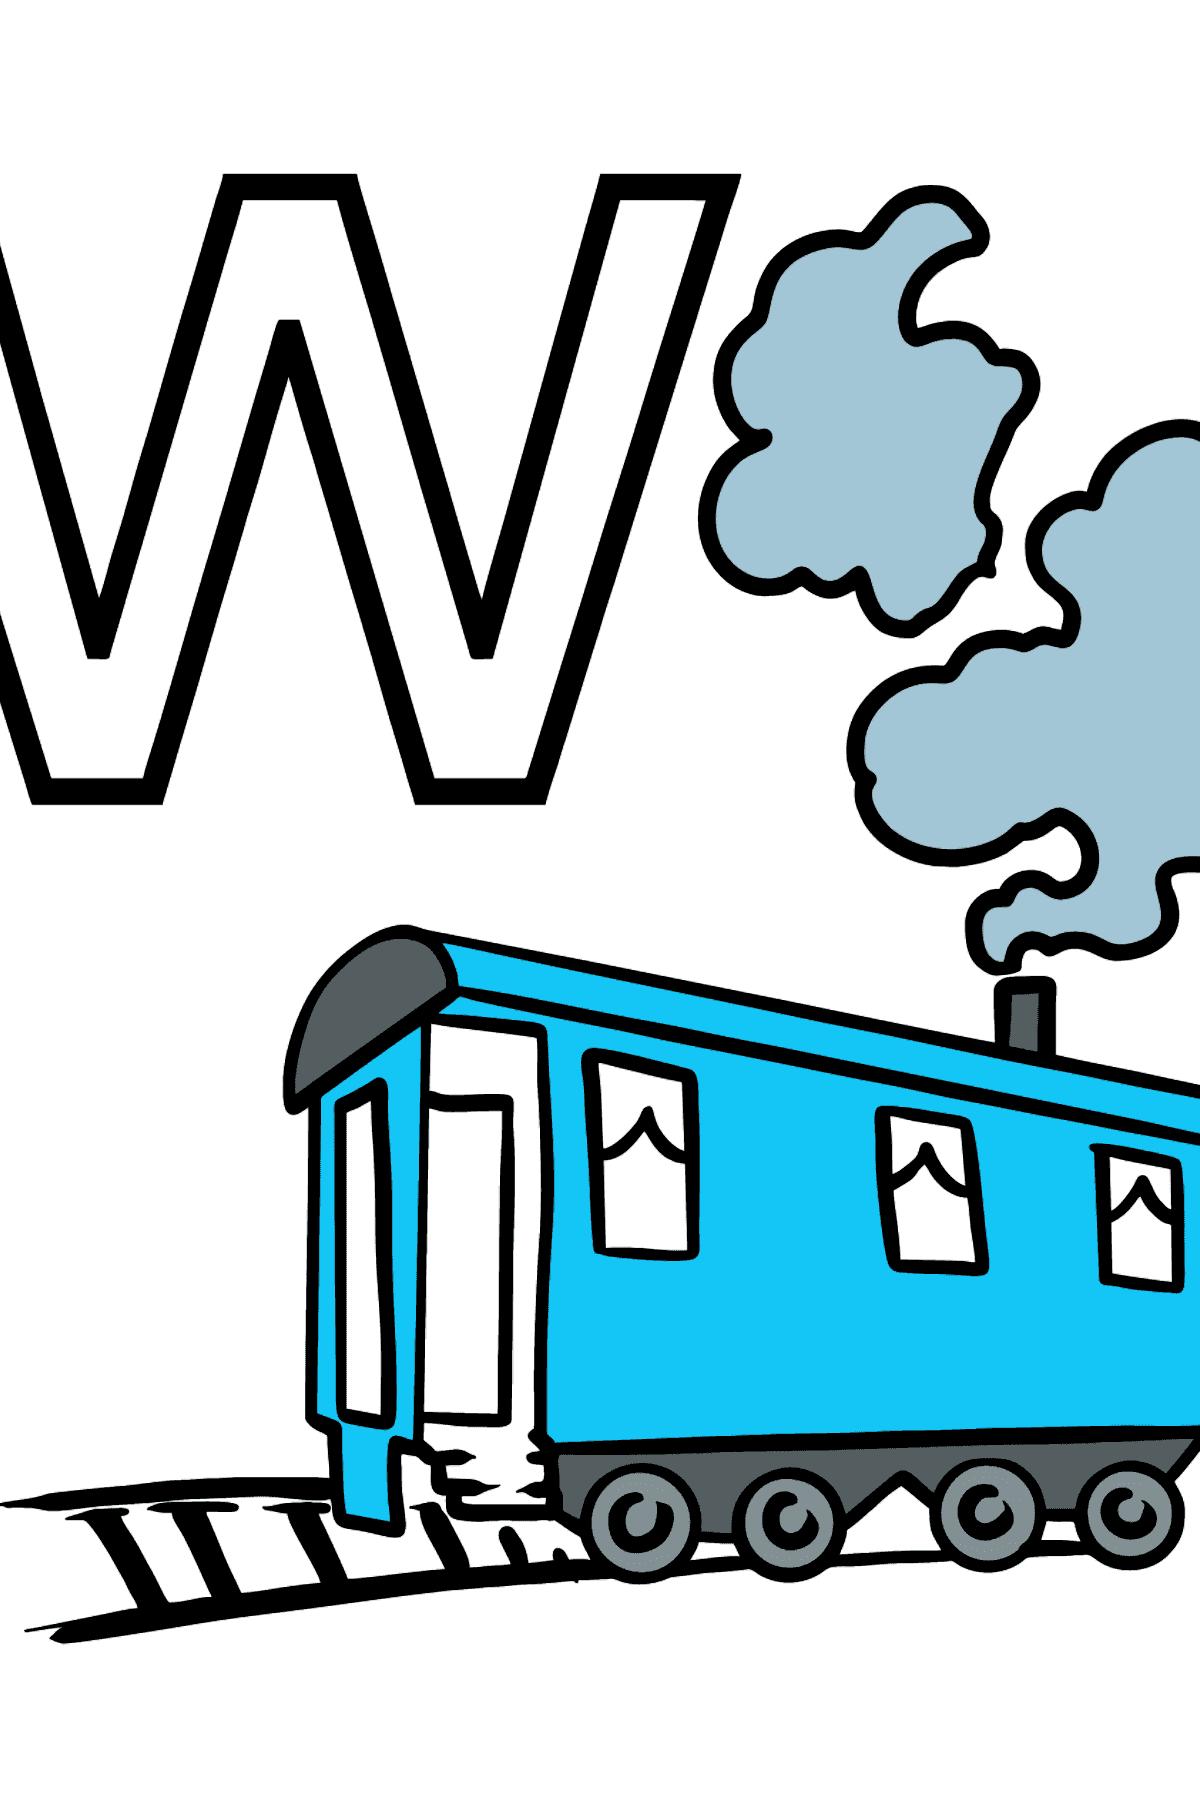 Coloriage - Lettre française W - WAGON - Coloriages pour les Enfants